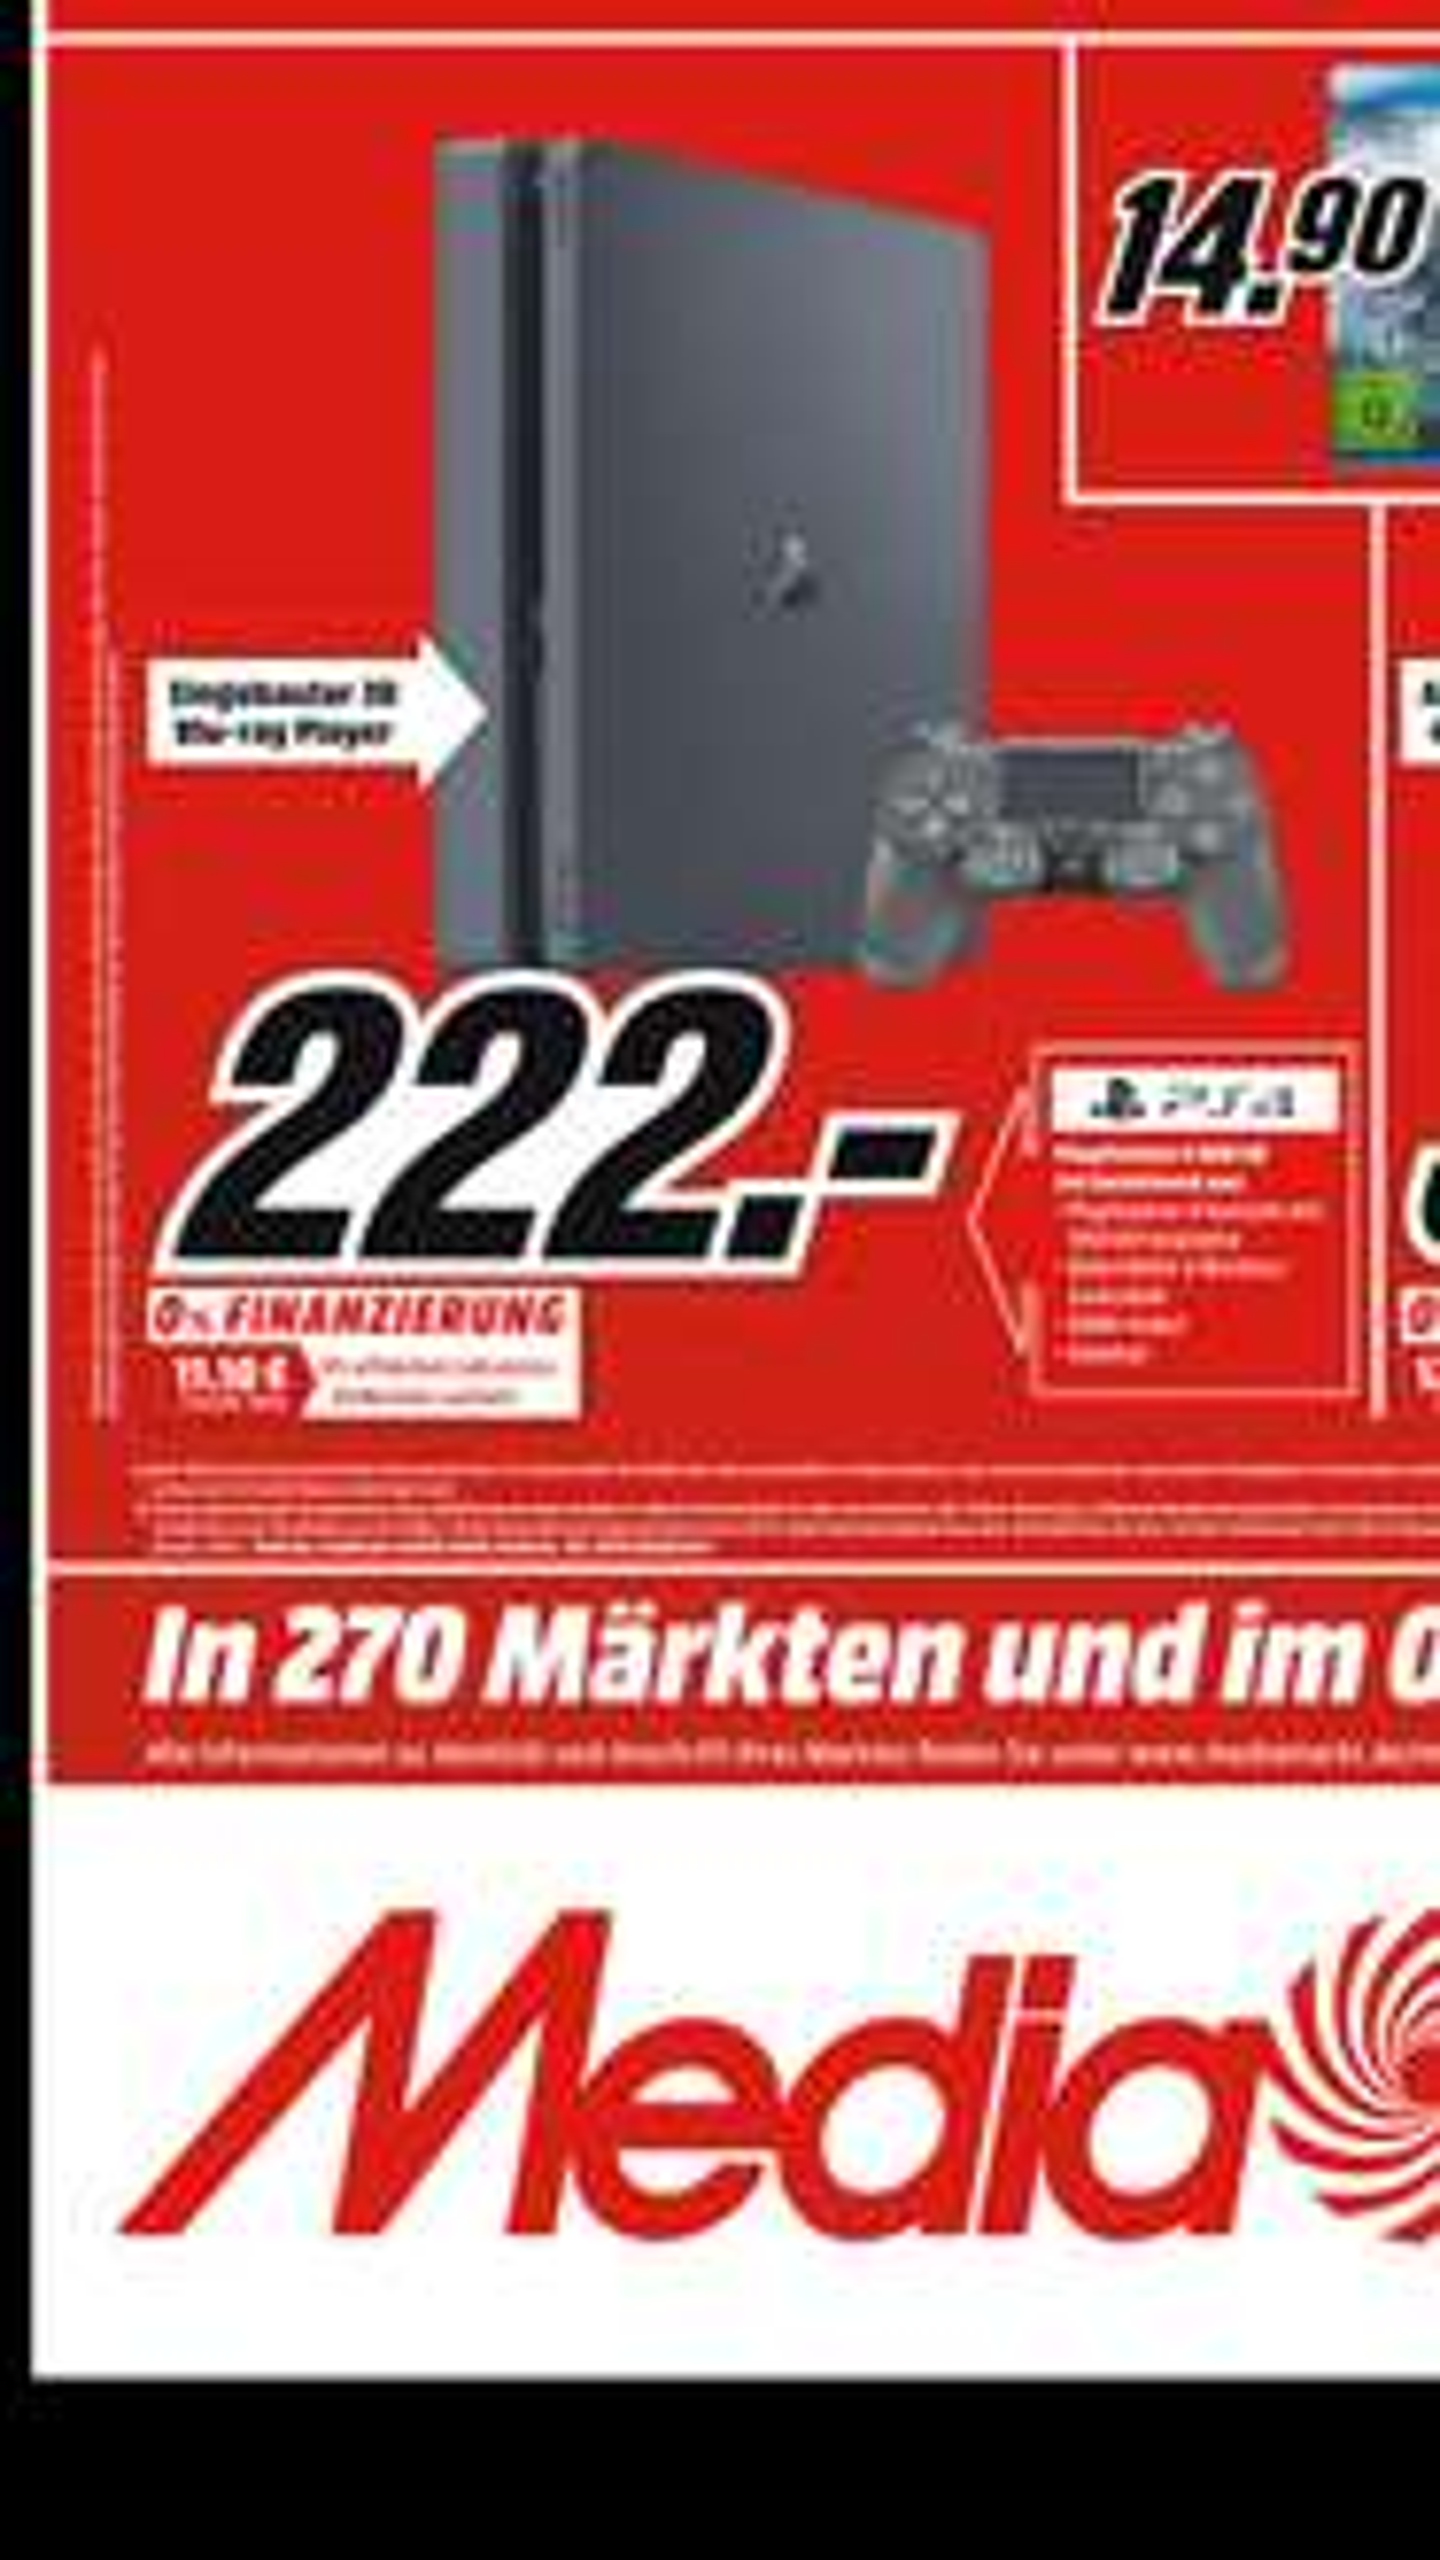 Od 03.05 promocja w niemieckim mediamarkcie na PlayStation 4 500gb